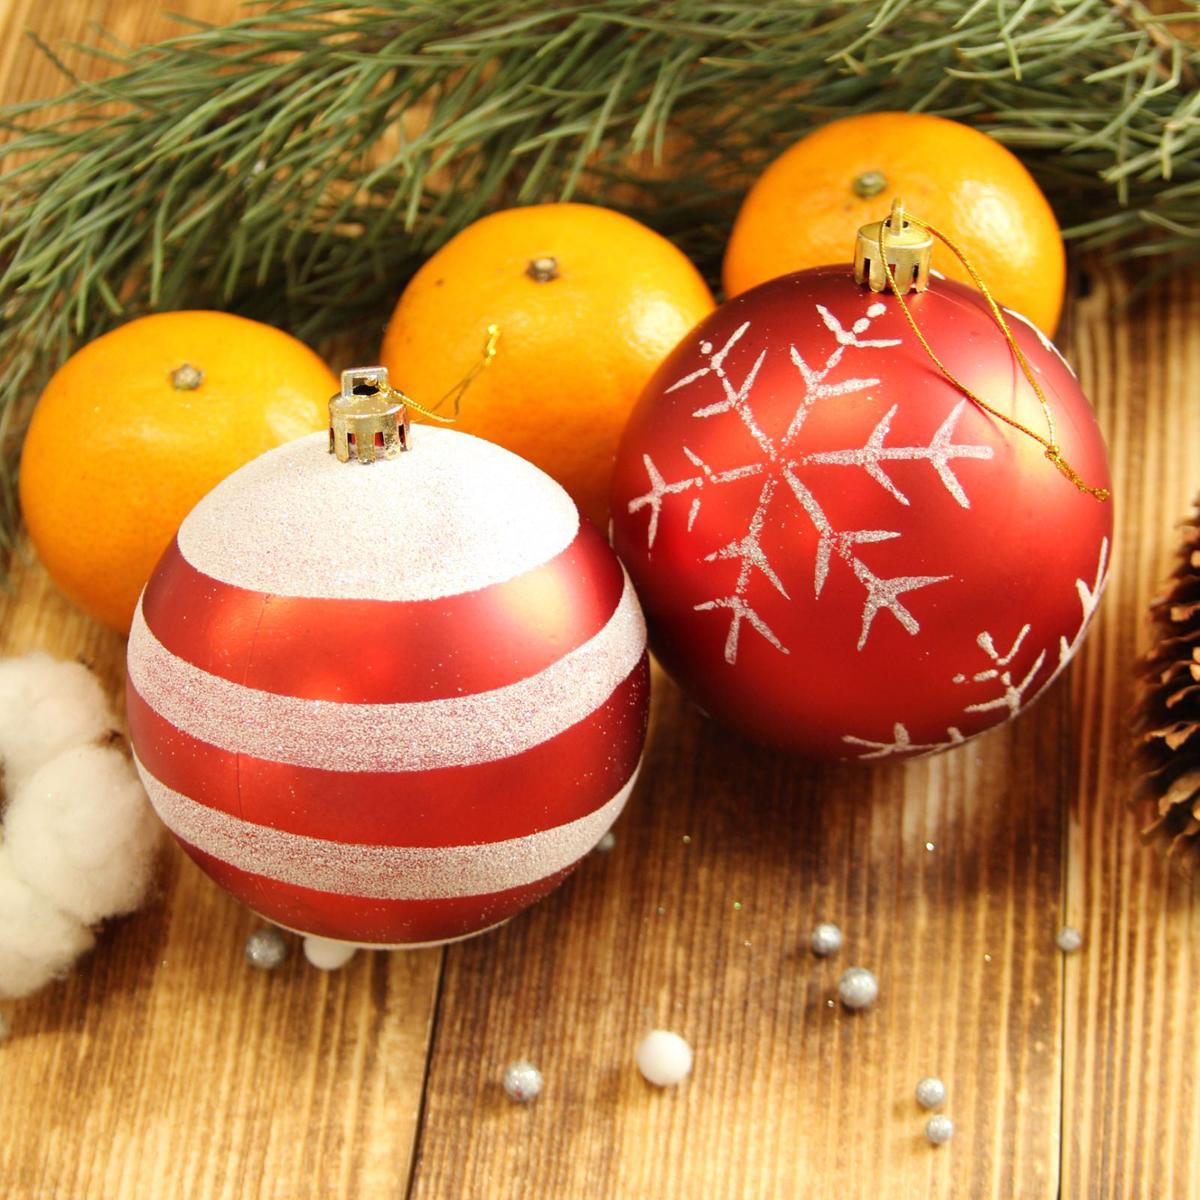 Набор новогодних подвесных украшений Sima-land Улыбка, диаметр 8 см, 4 шт. 21230372123037Набор новогодних подвесных украшений Sima-land отлично подойдет для декорации вашего дома и новогодней ели. С помощью специальной петельки украшение можно повесить в любом понравившемся вам месте. Но, конечно, удачнее всего оно будет смотреться на праздничной елке. Елочная игрушка - символ Нового года. Она несет в себе волшебство и красоту праздника. Создайте в своем доме атмосферу веселья и радости, украшая новогоднюю елку нарядными игрушками, которые будут из года в год накапливать теплоту воспоминаний.